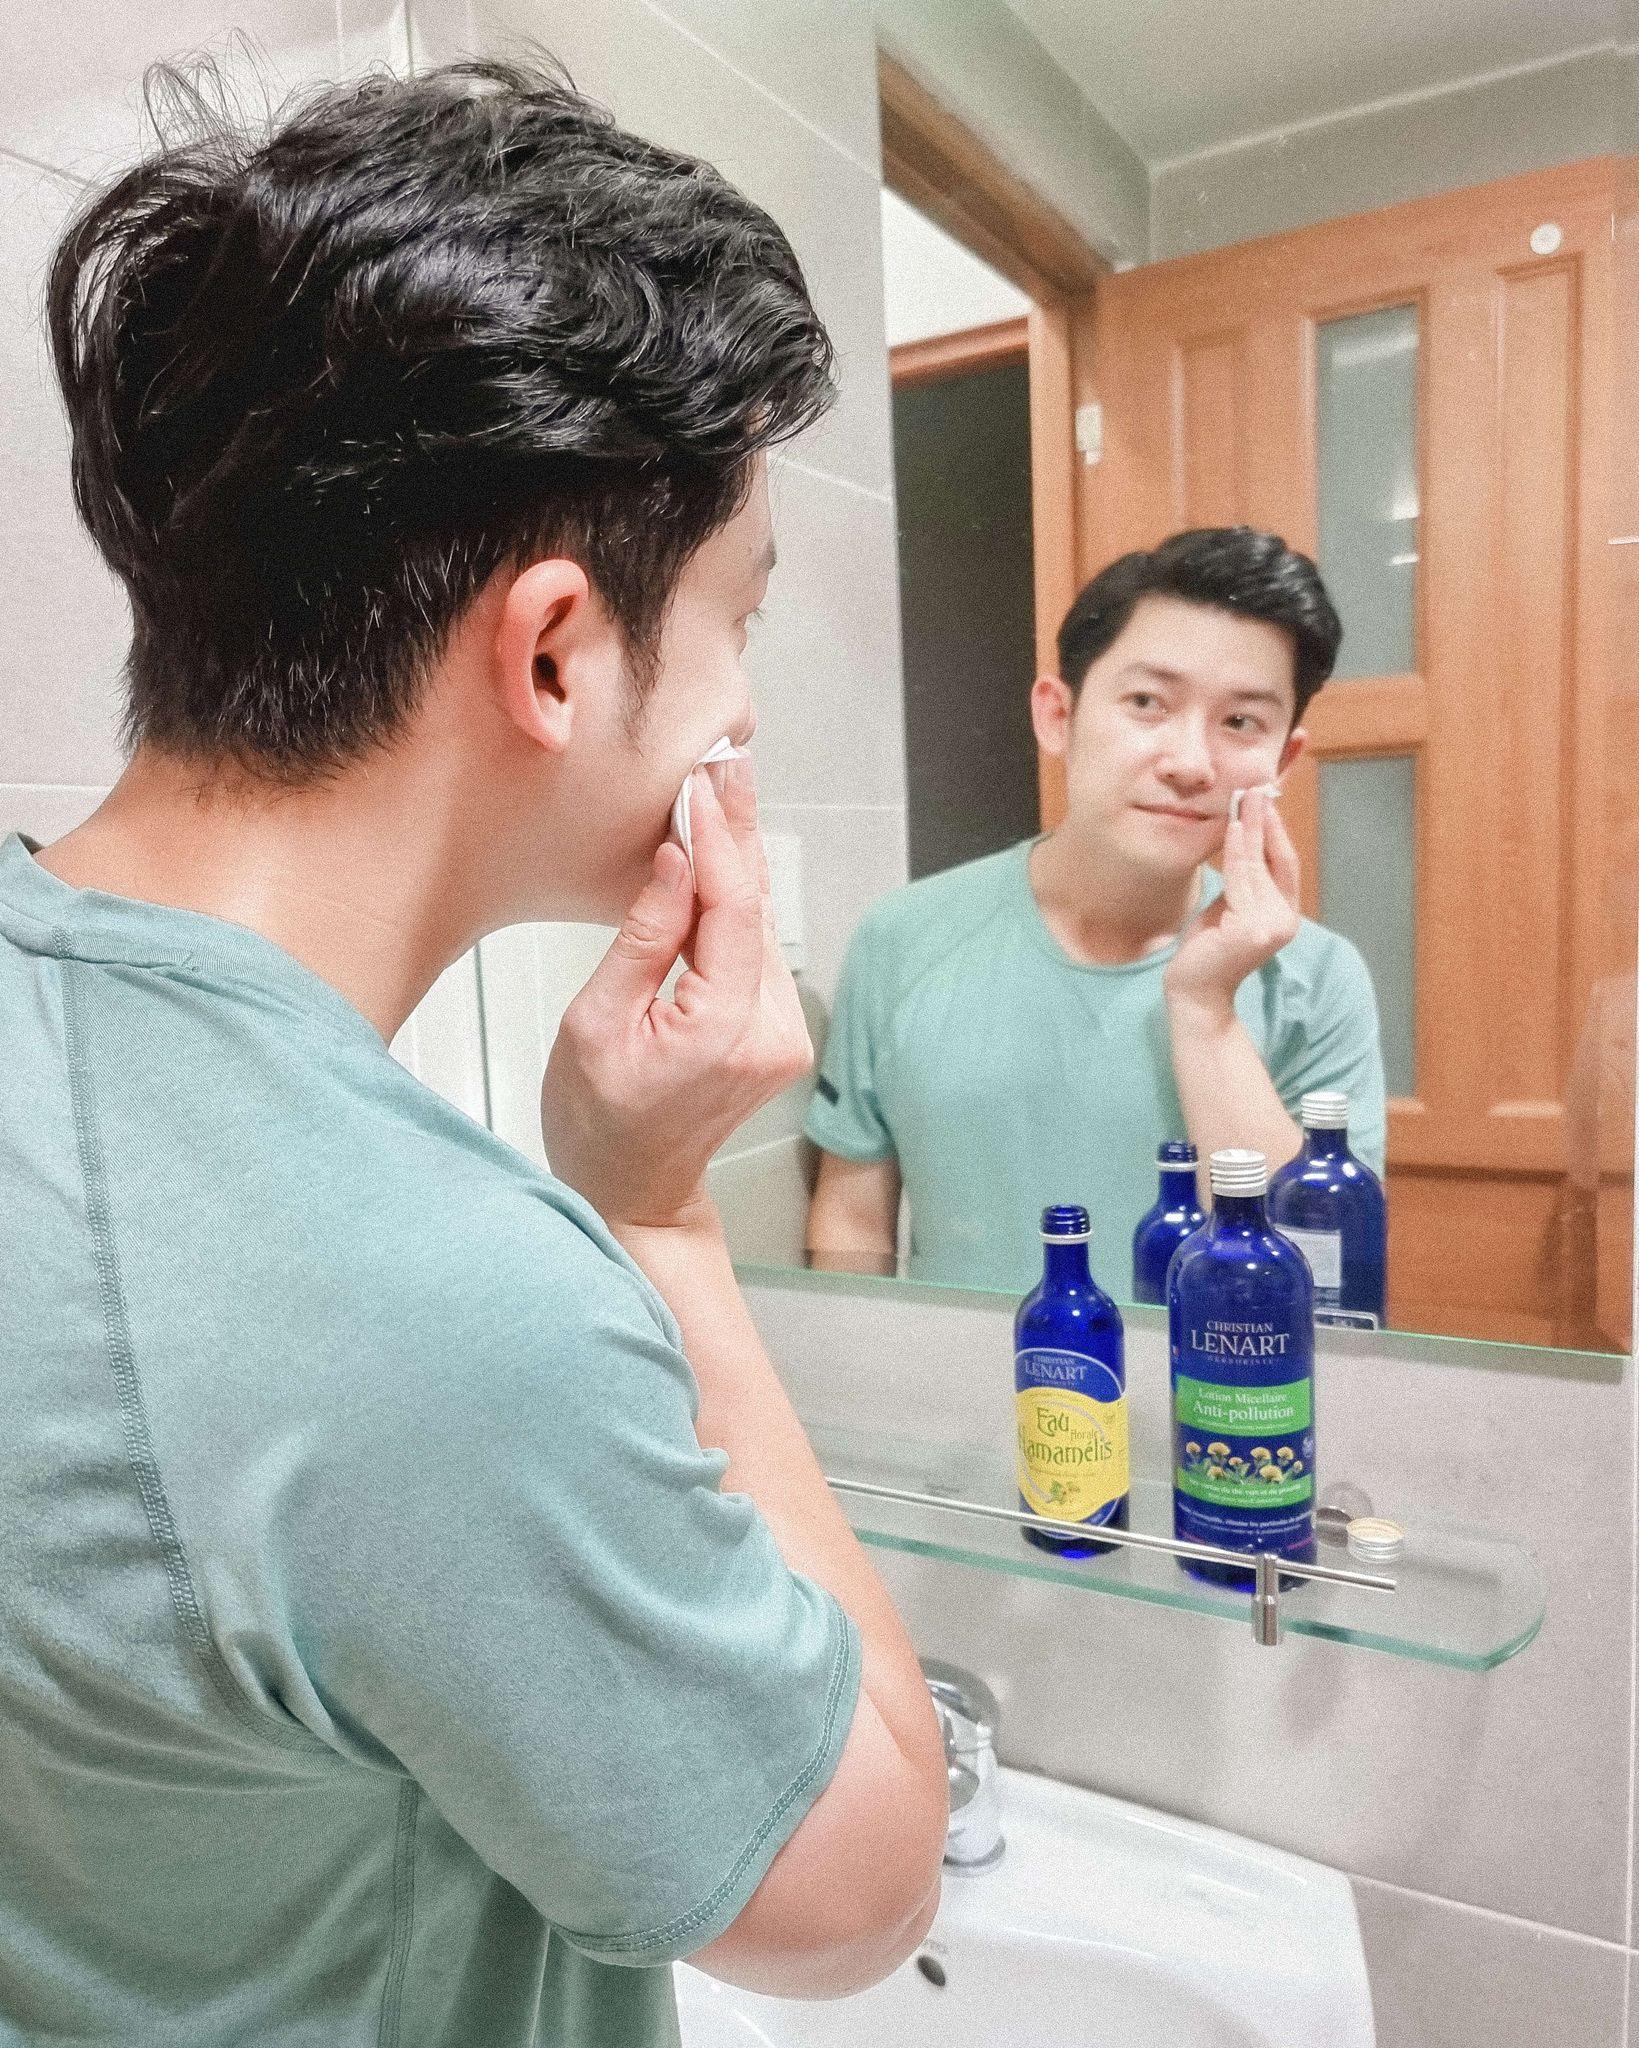 KOL Việt dùng mỹ phẩm gì: Kendall Nguyễn khoe tẩy trang thần thánh, rich kid Thảo Trinh Nguyễn mách nước loại toner làm dịu da - Ảnh 3.